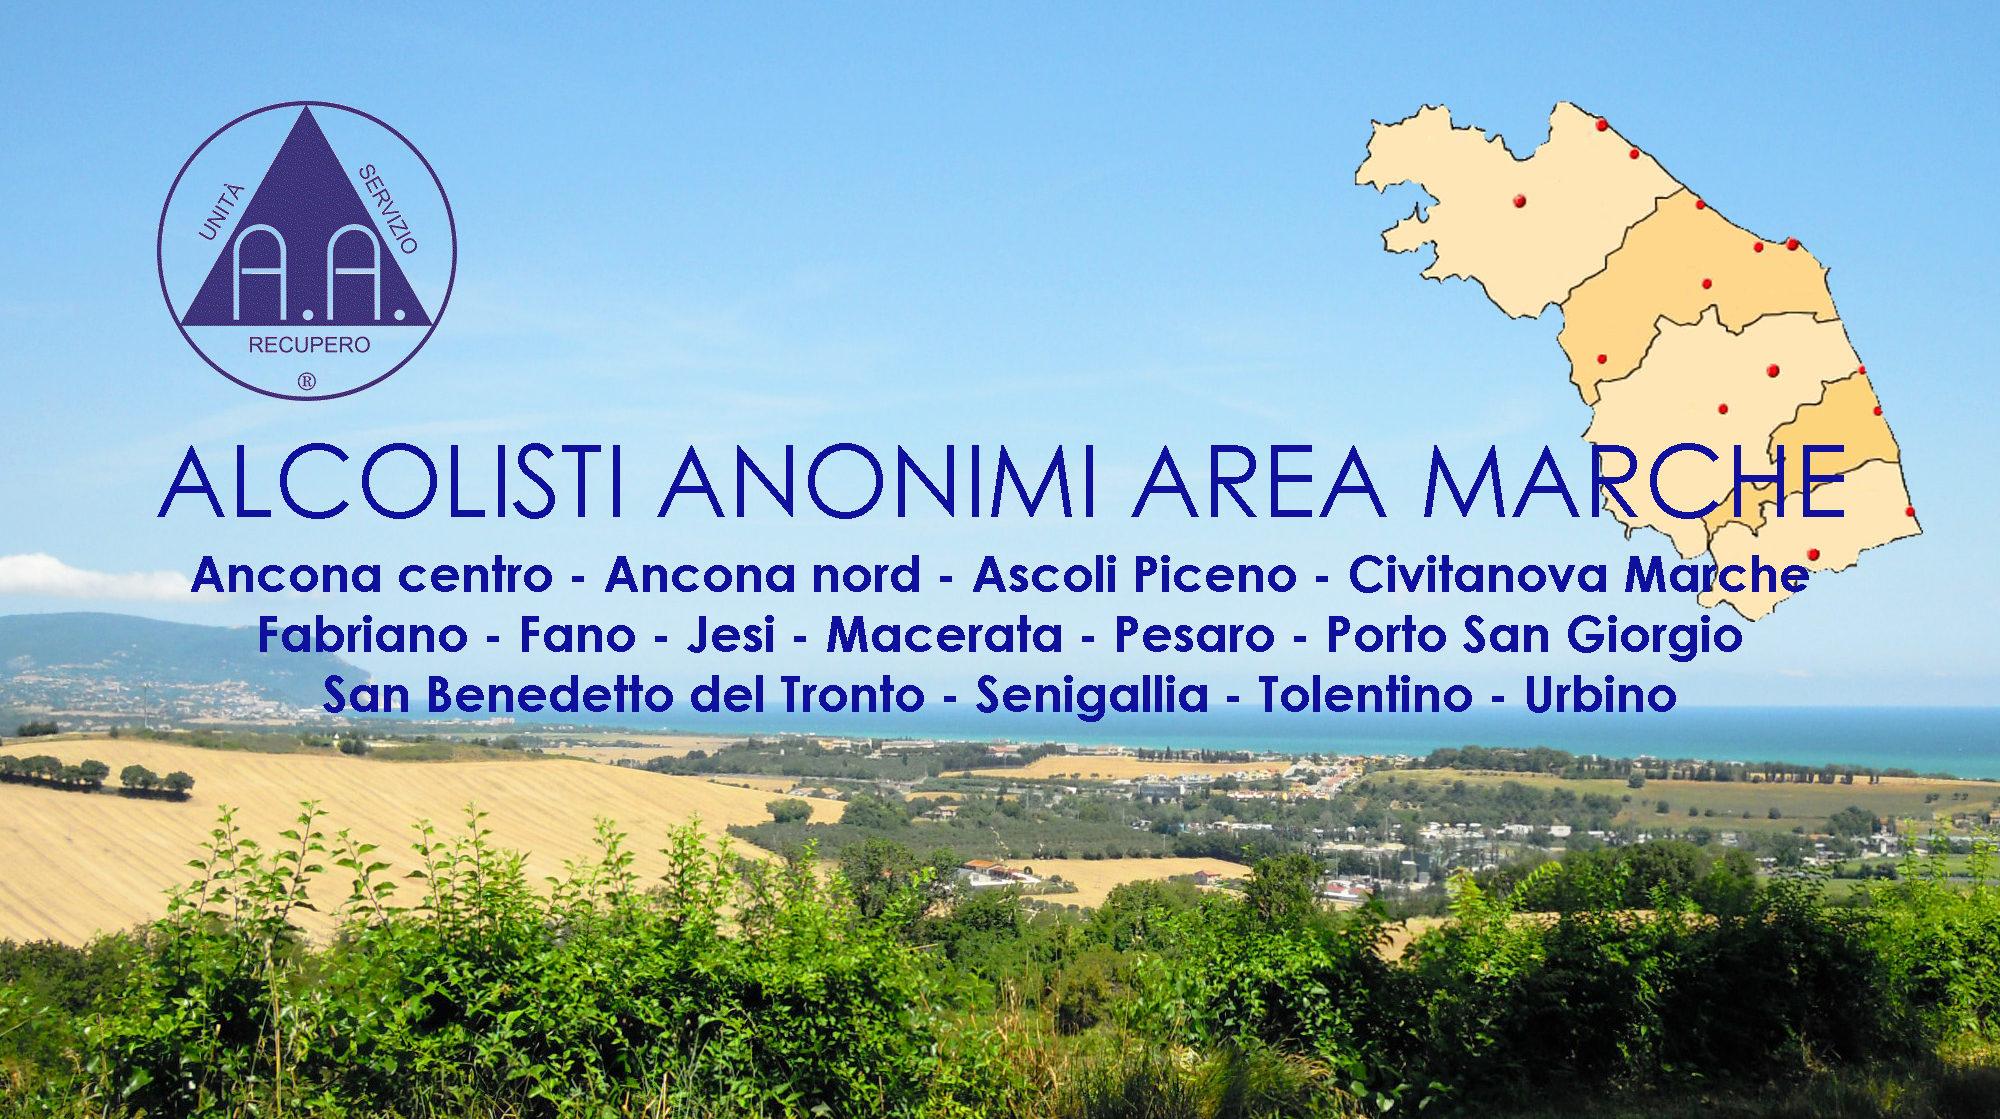 Alcolisti Anonimi Area Marche